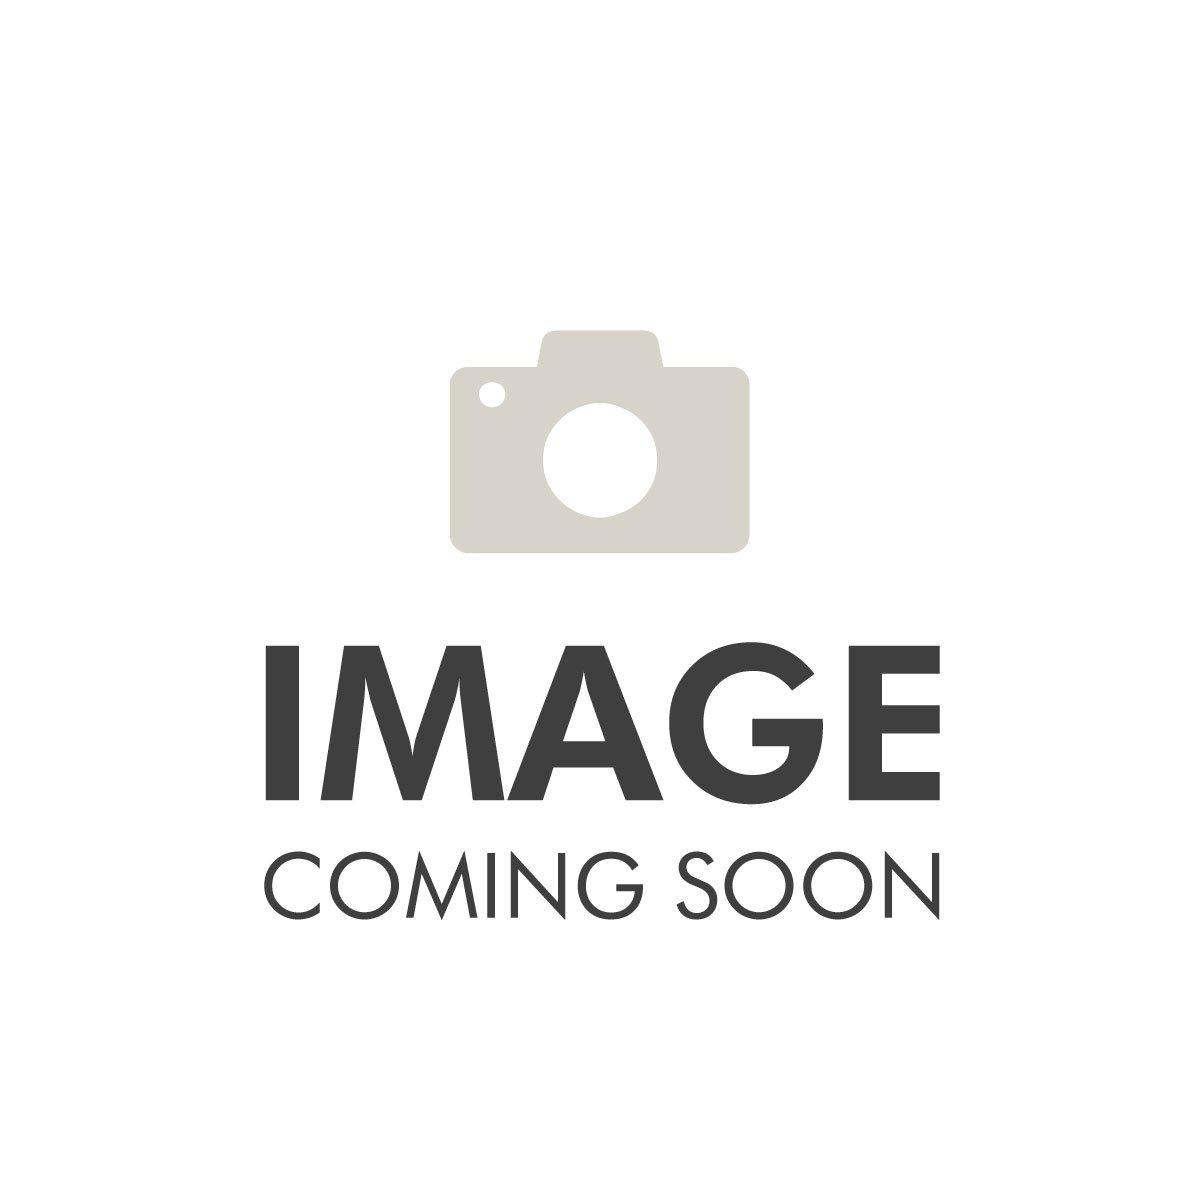 Negrini - Epee Bodywire - Soft Plug